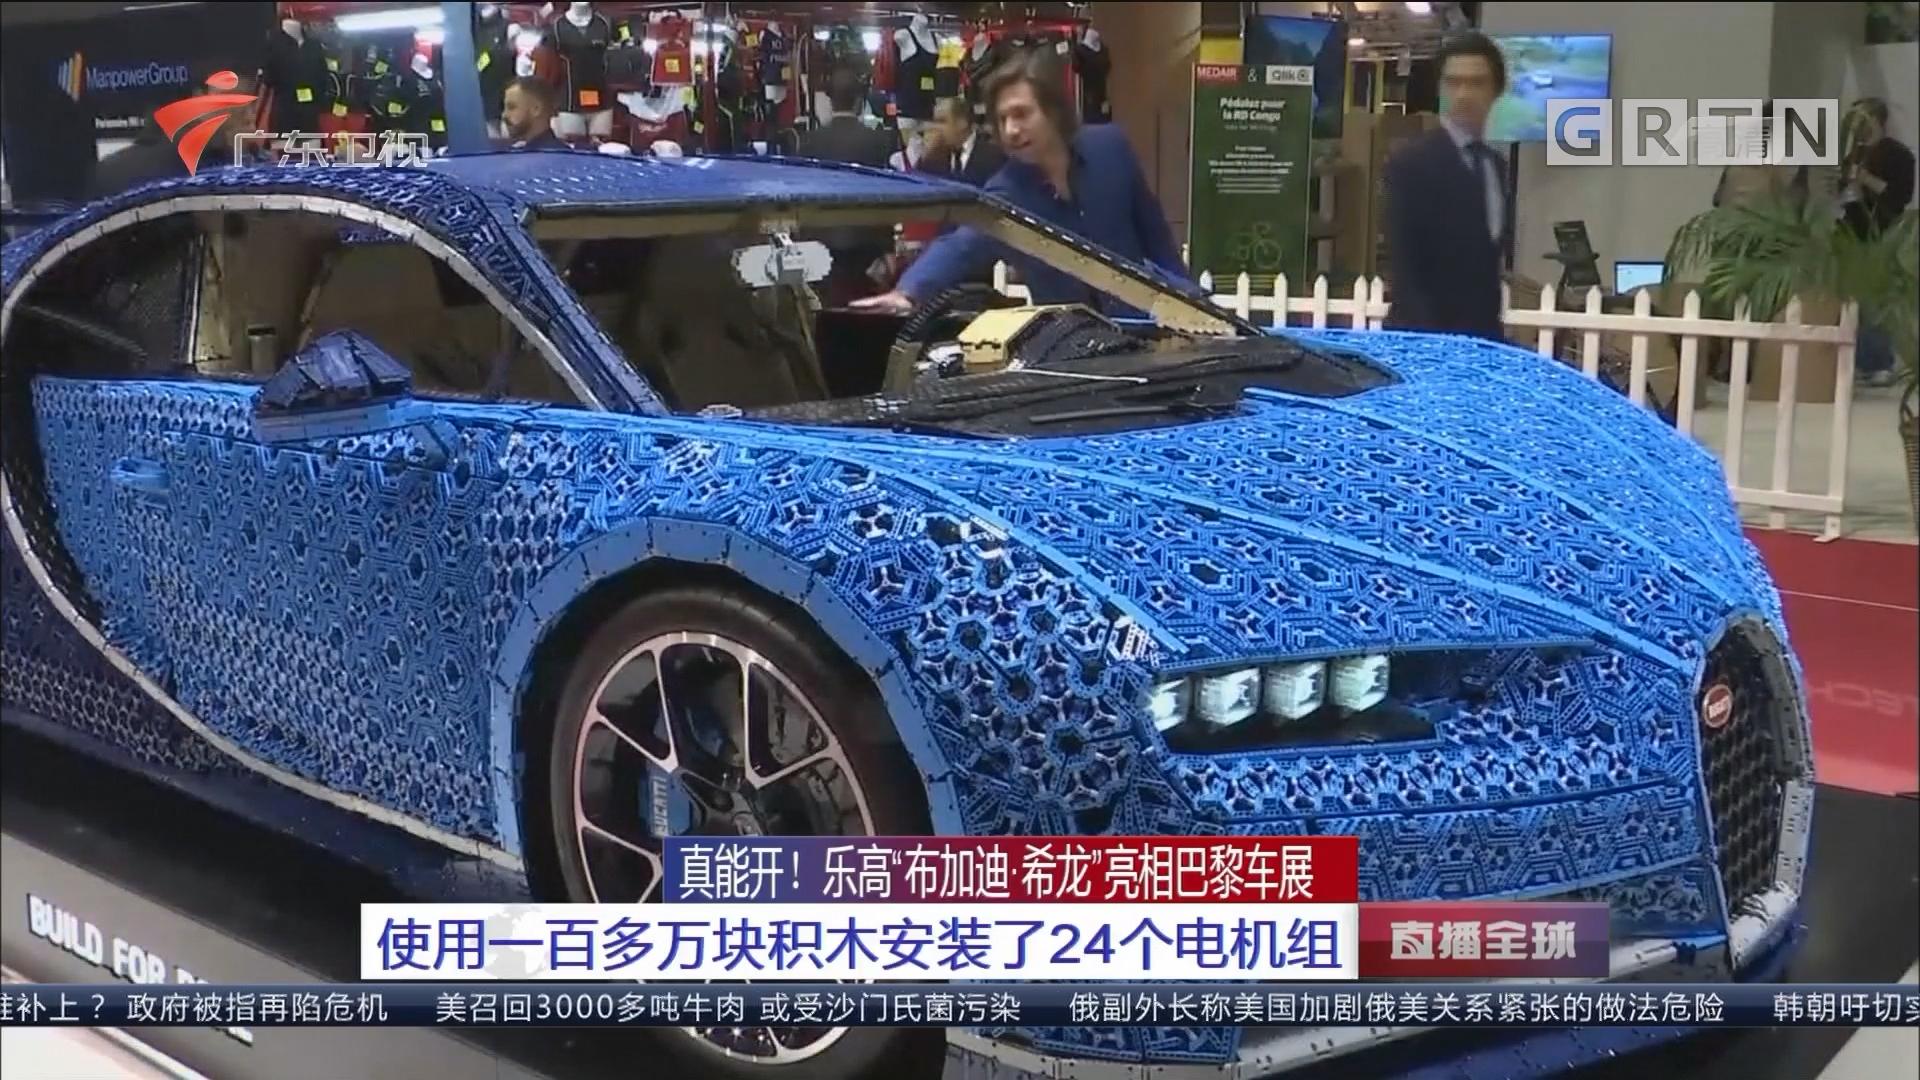 """真能开!乐高""""布加迪·希龙""""亮相巴黎车展 使用一百多万块积木安装了24个电机组"""